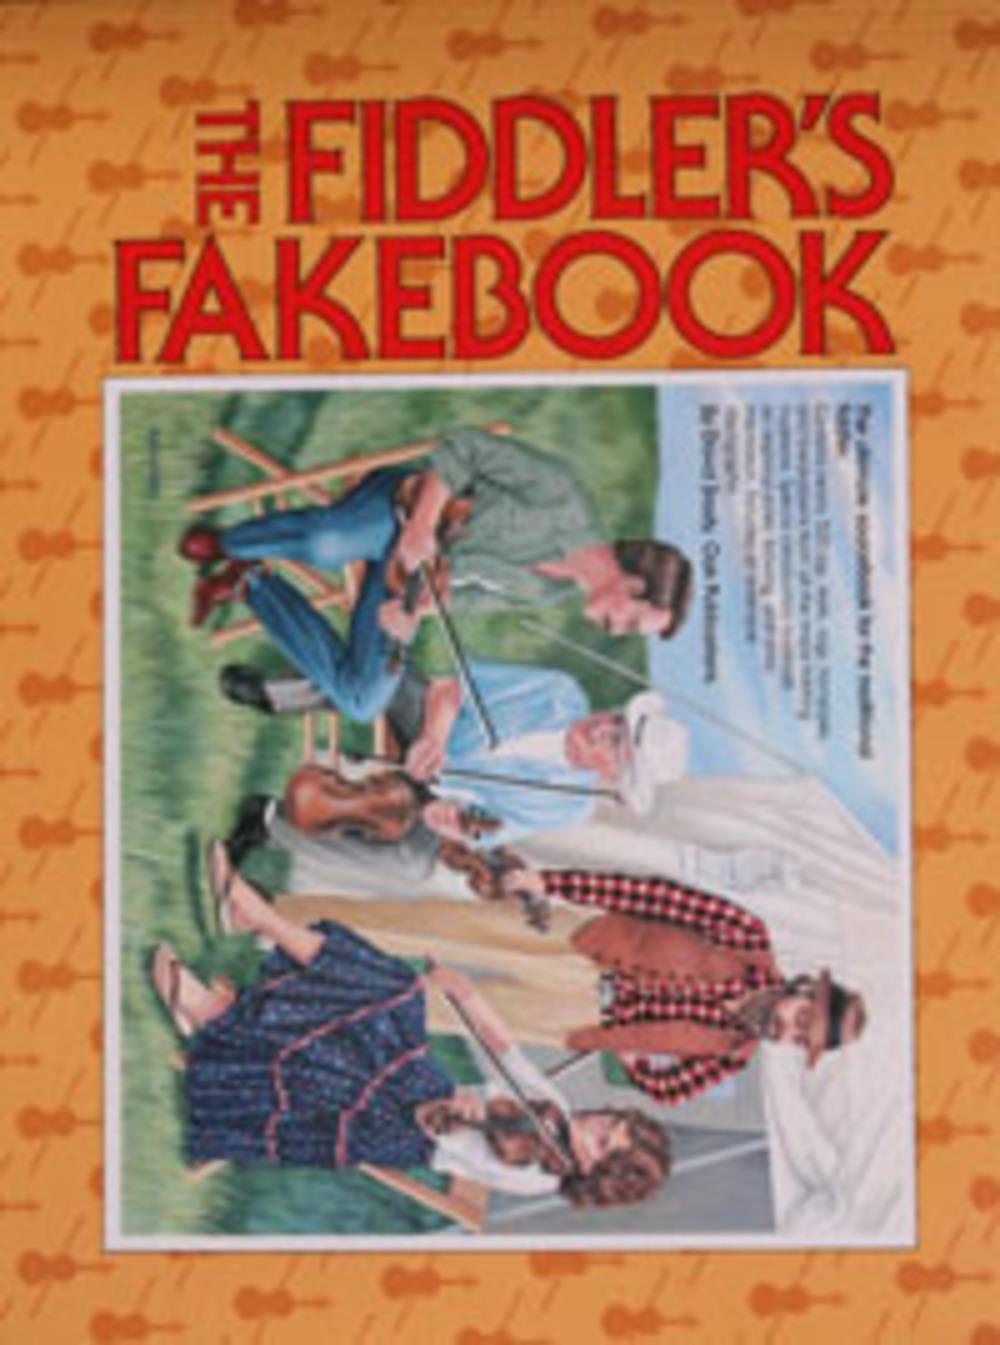 The Fiddler's Fakebook